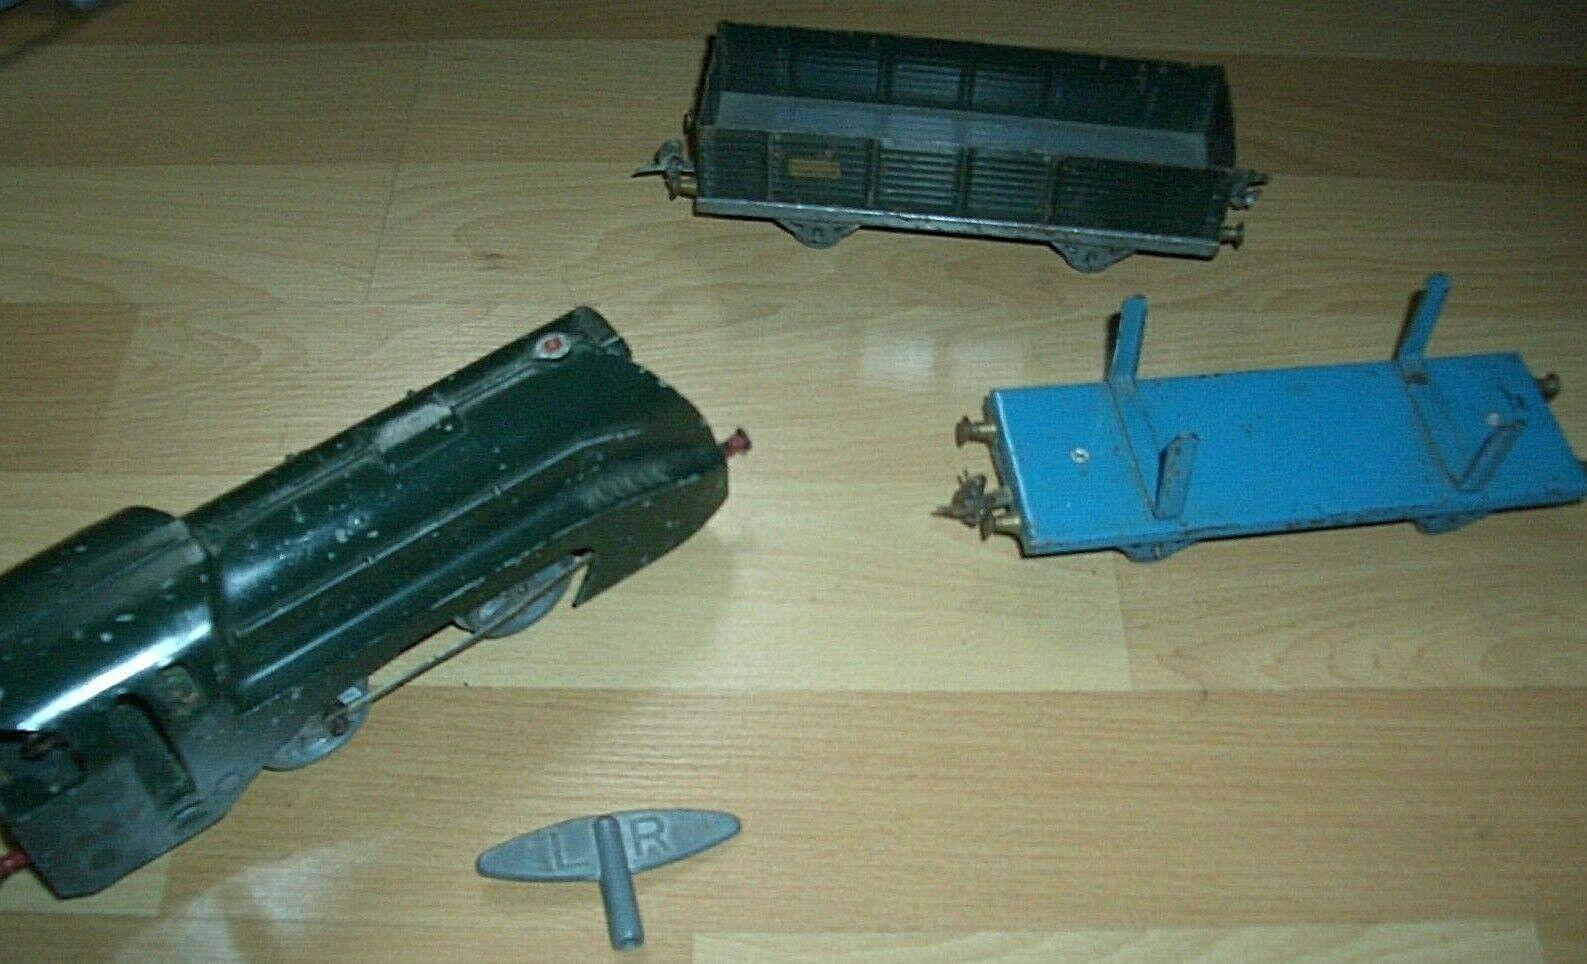 Train Le Rapide LR échelle O locomotive  clé  2 wagons en tôle 12 pcalienteos